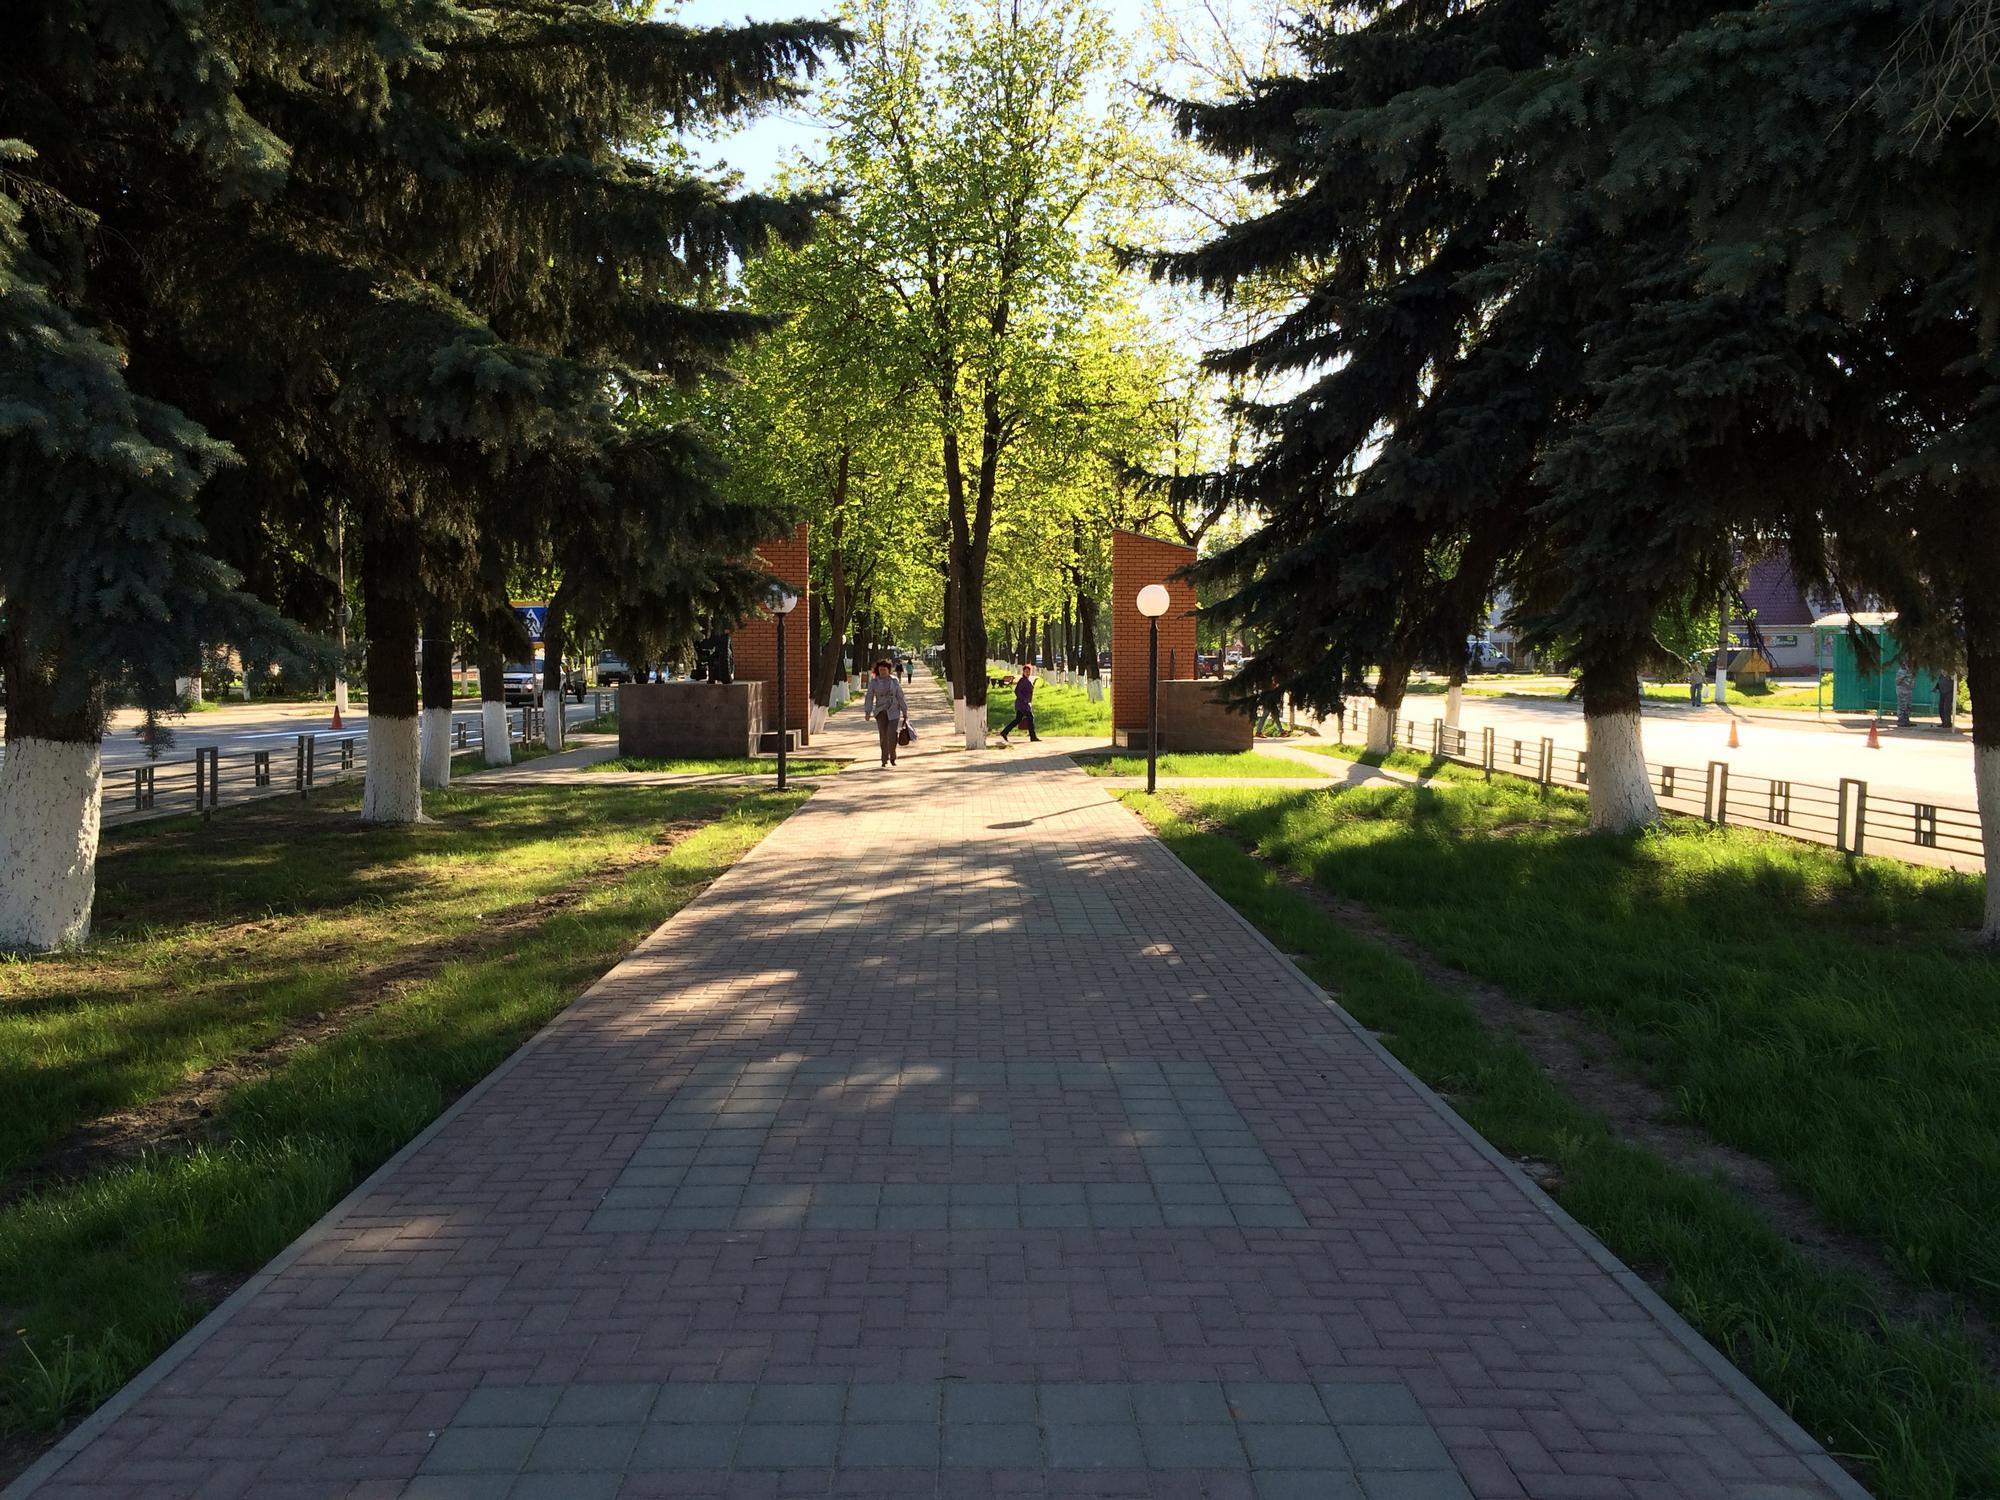 🇷🇺 Киров, Россия, май 2016.